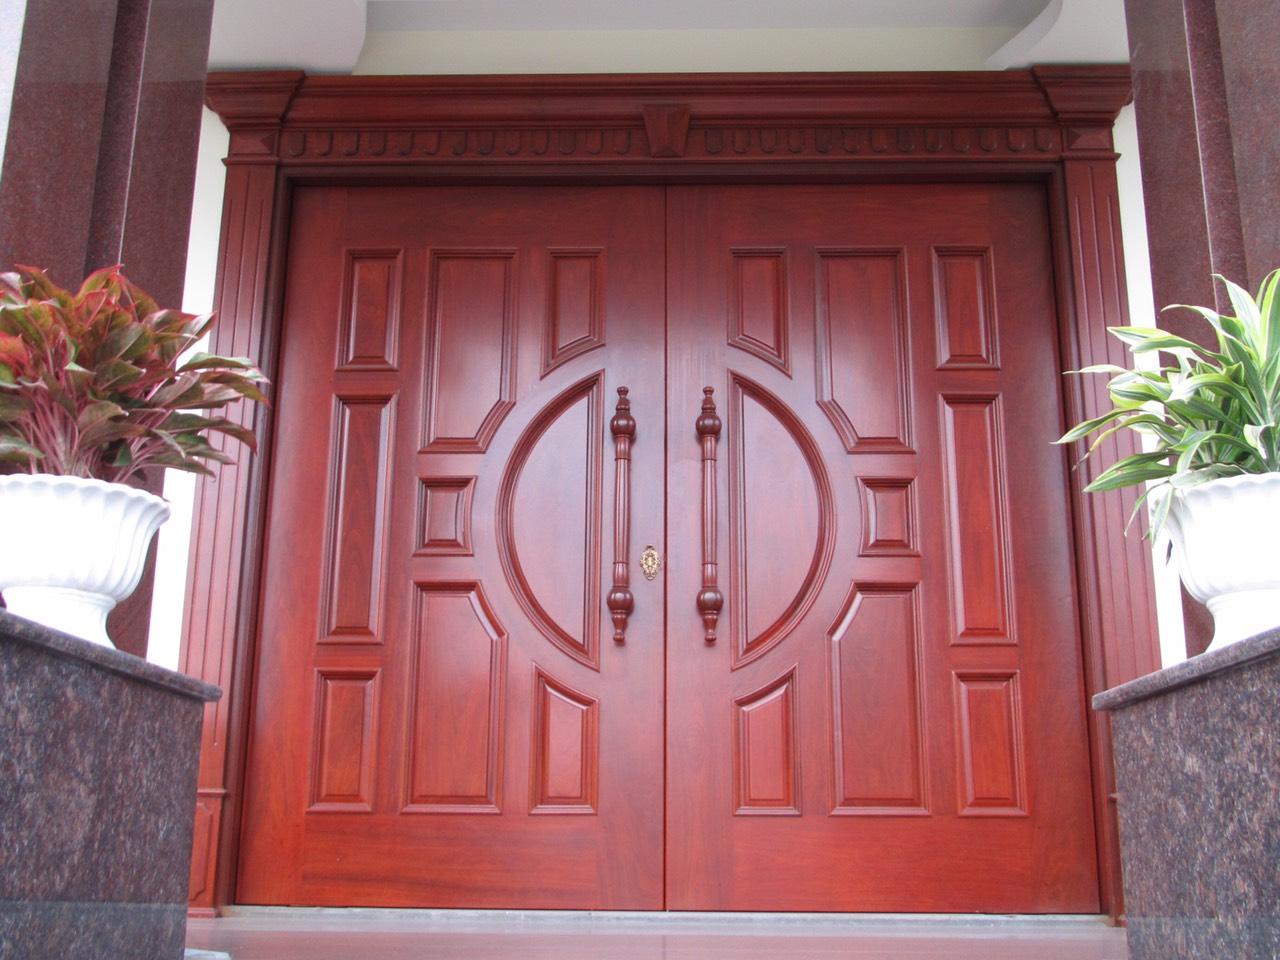 Mẫu cửa chính 2 cánh màu nâu đỏ độc đáo